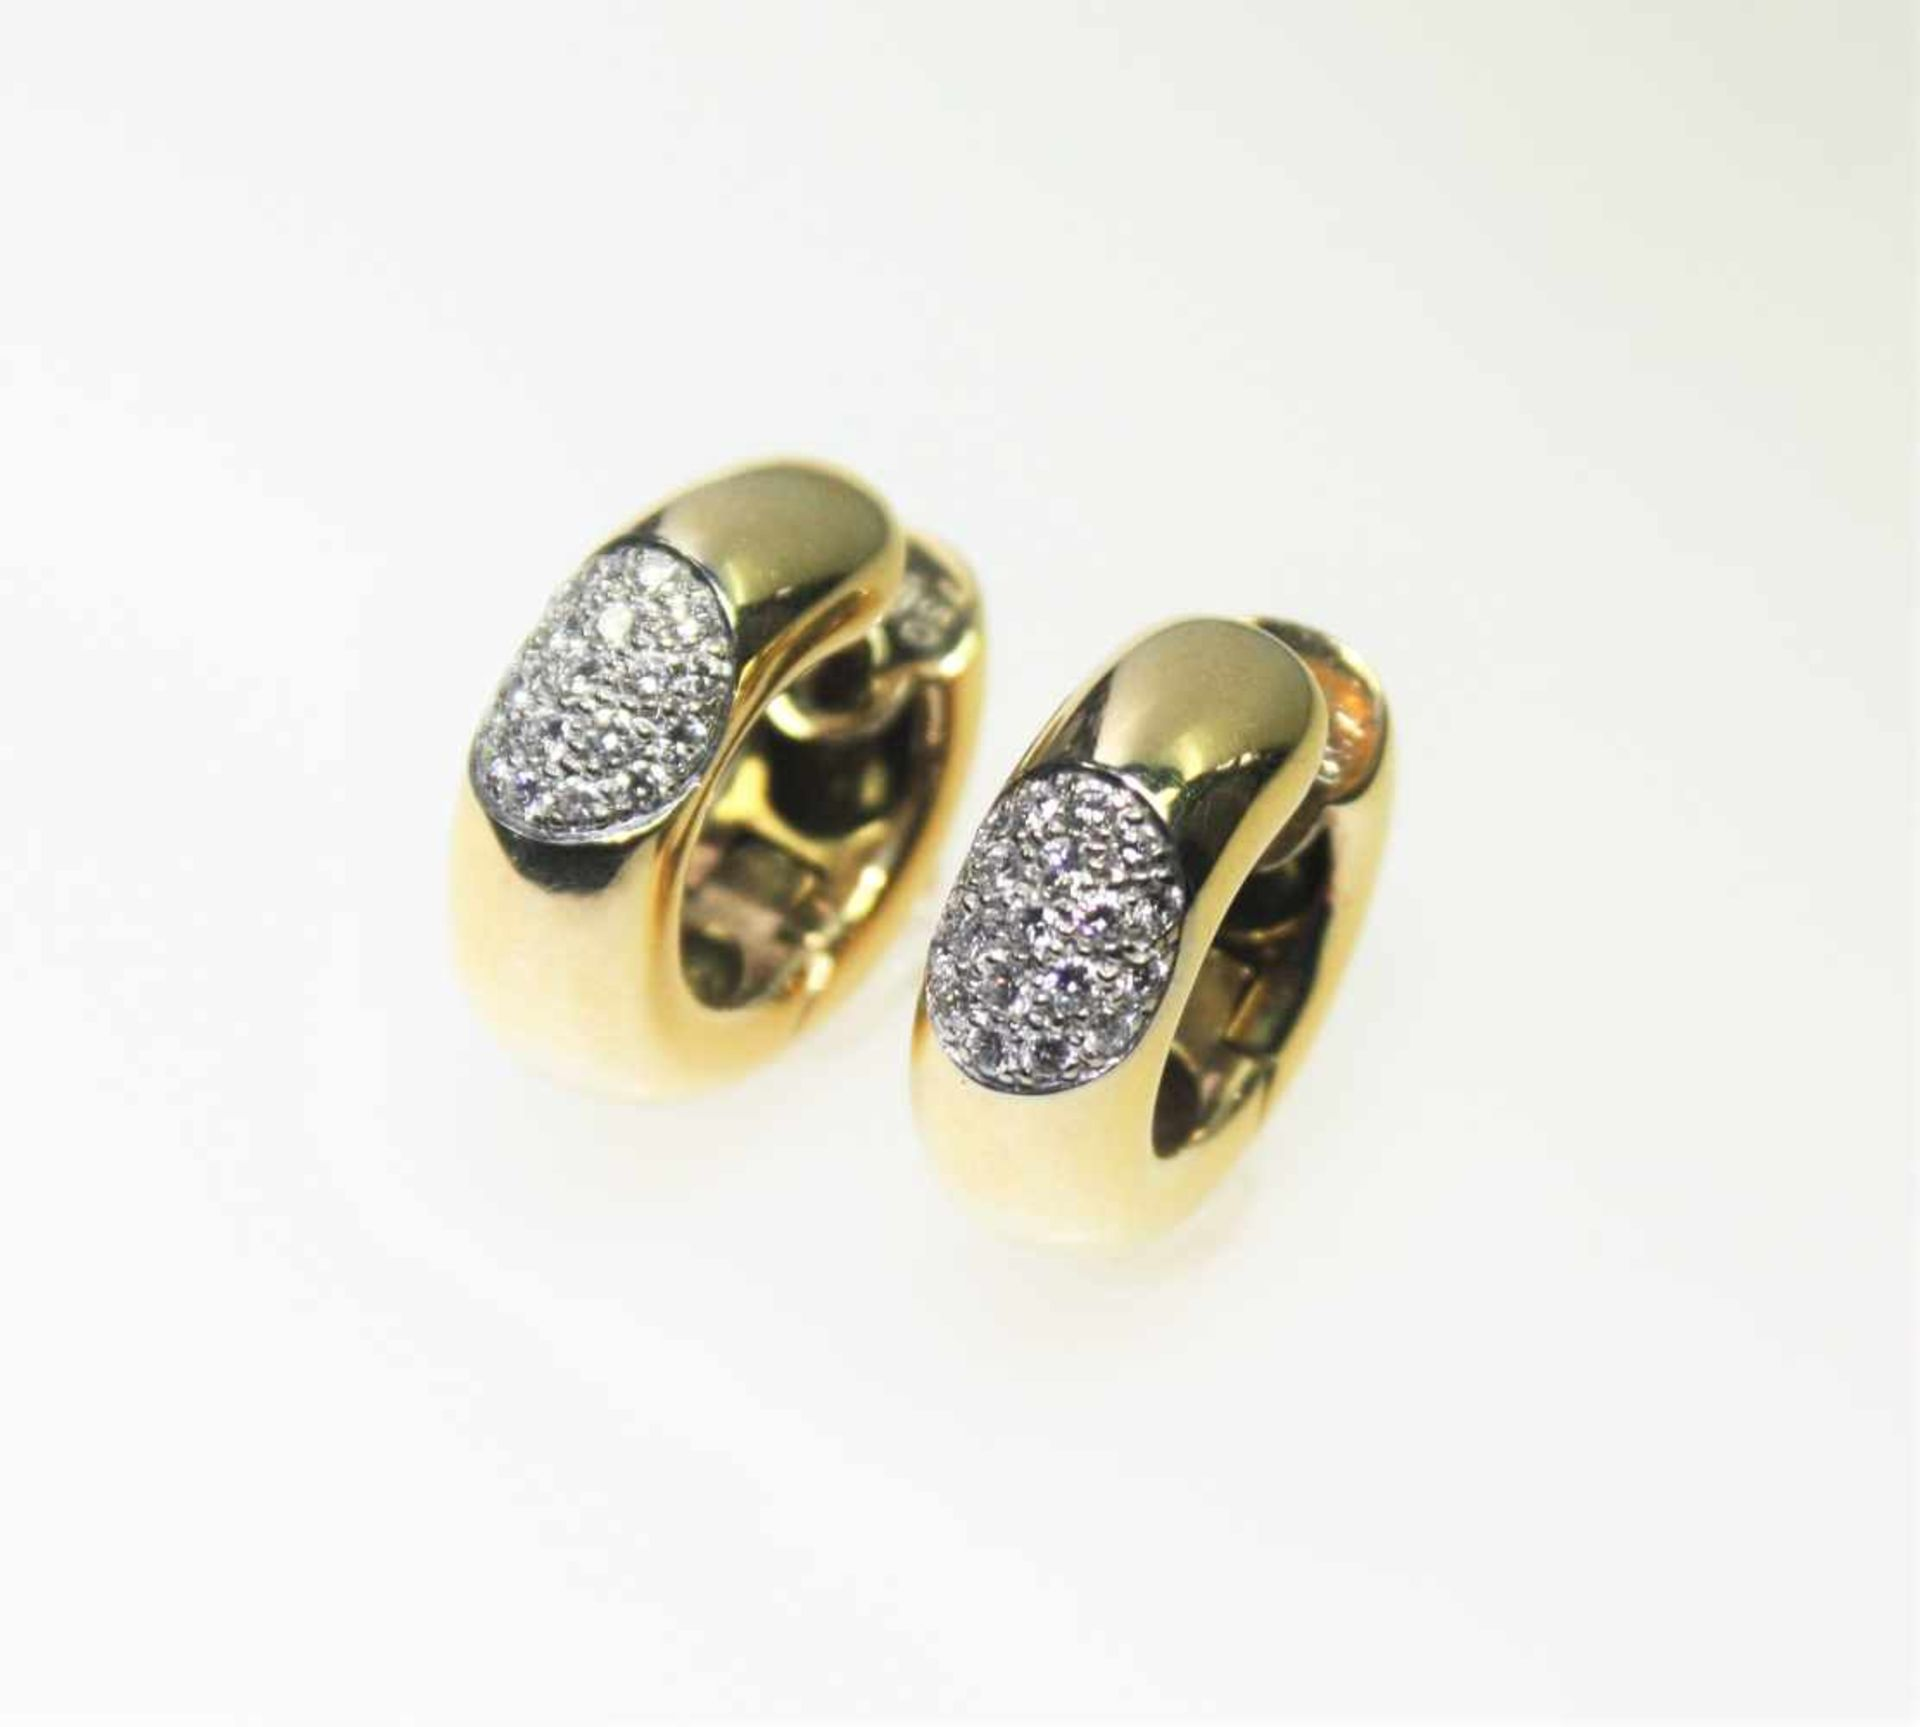 Moderne, goldene Creolen 750/f gest., im Vorderteil jeweils ein Oval ausgefasst mit Diamanten in